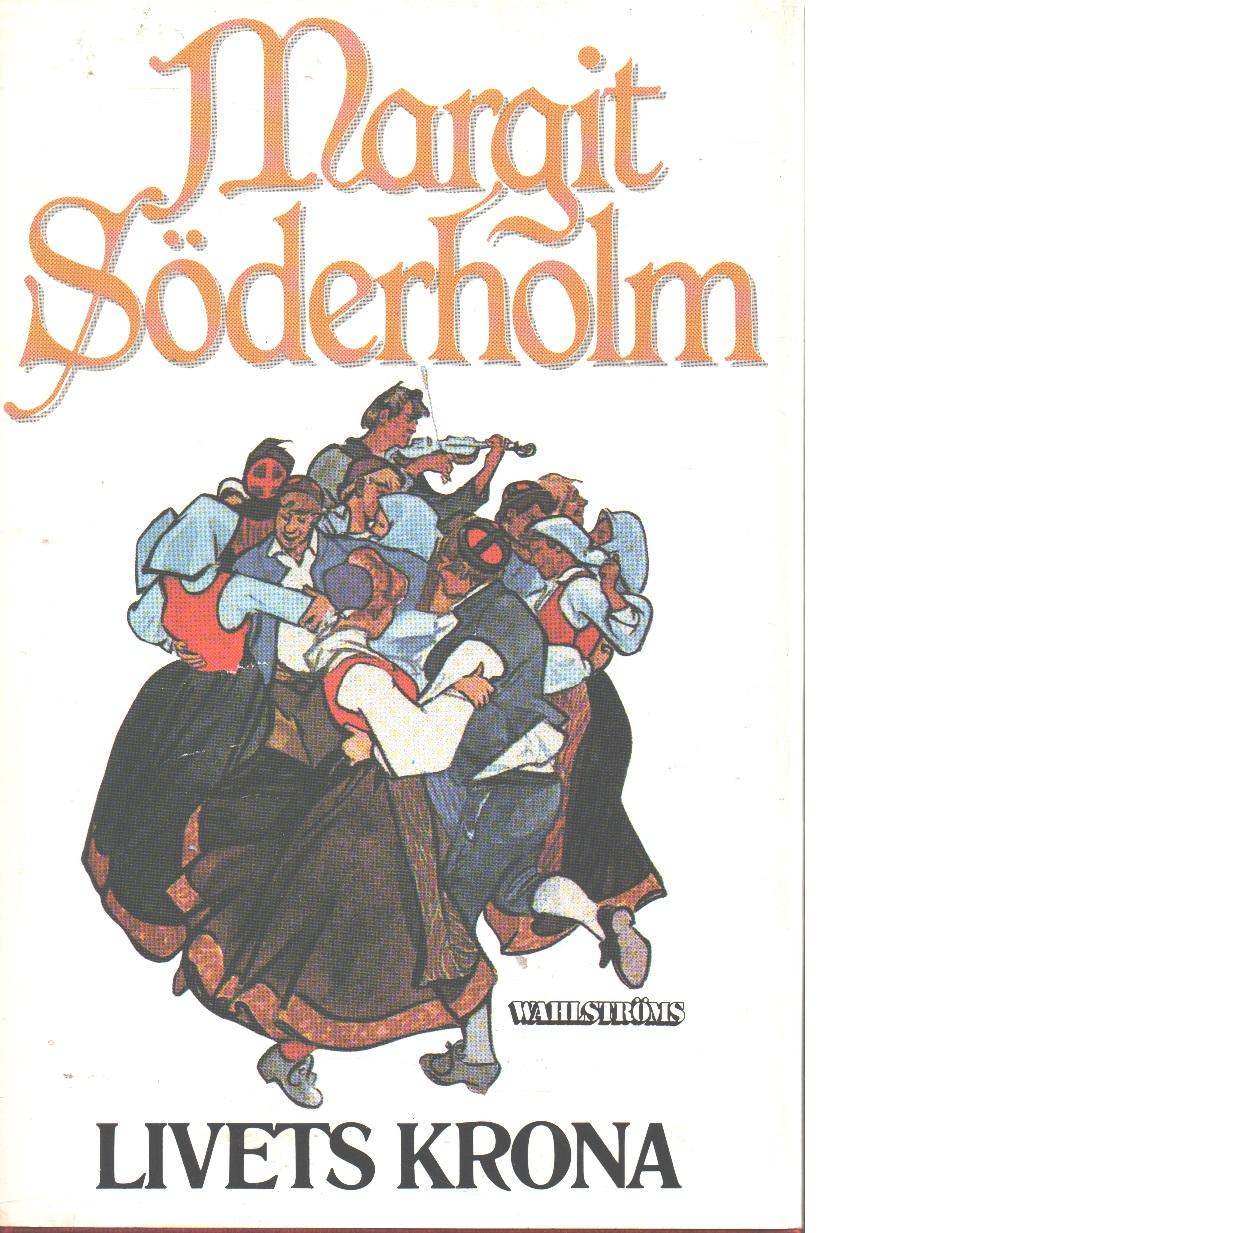 Livets krona - Söderholm, Margit